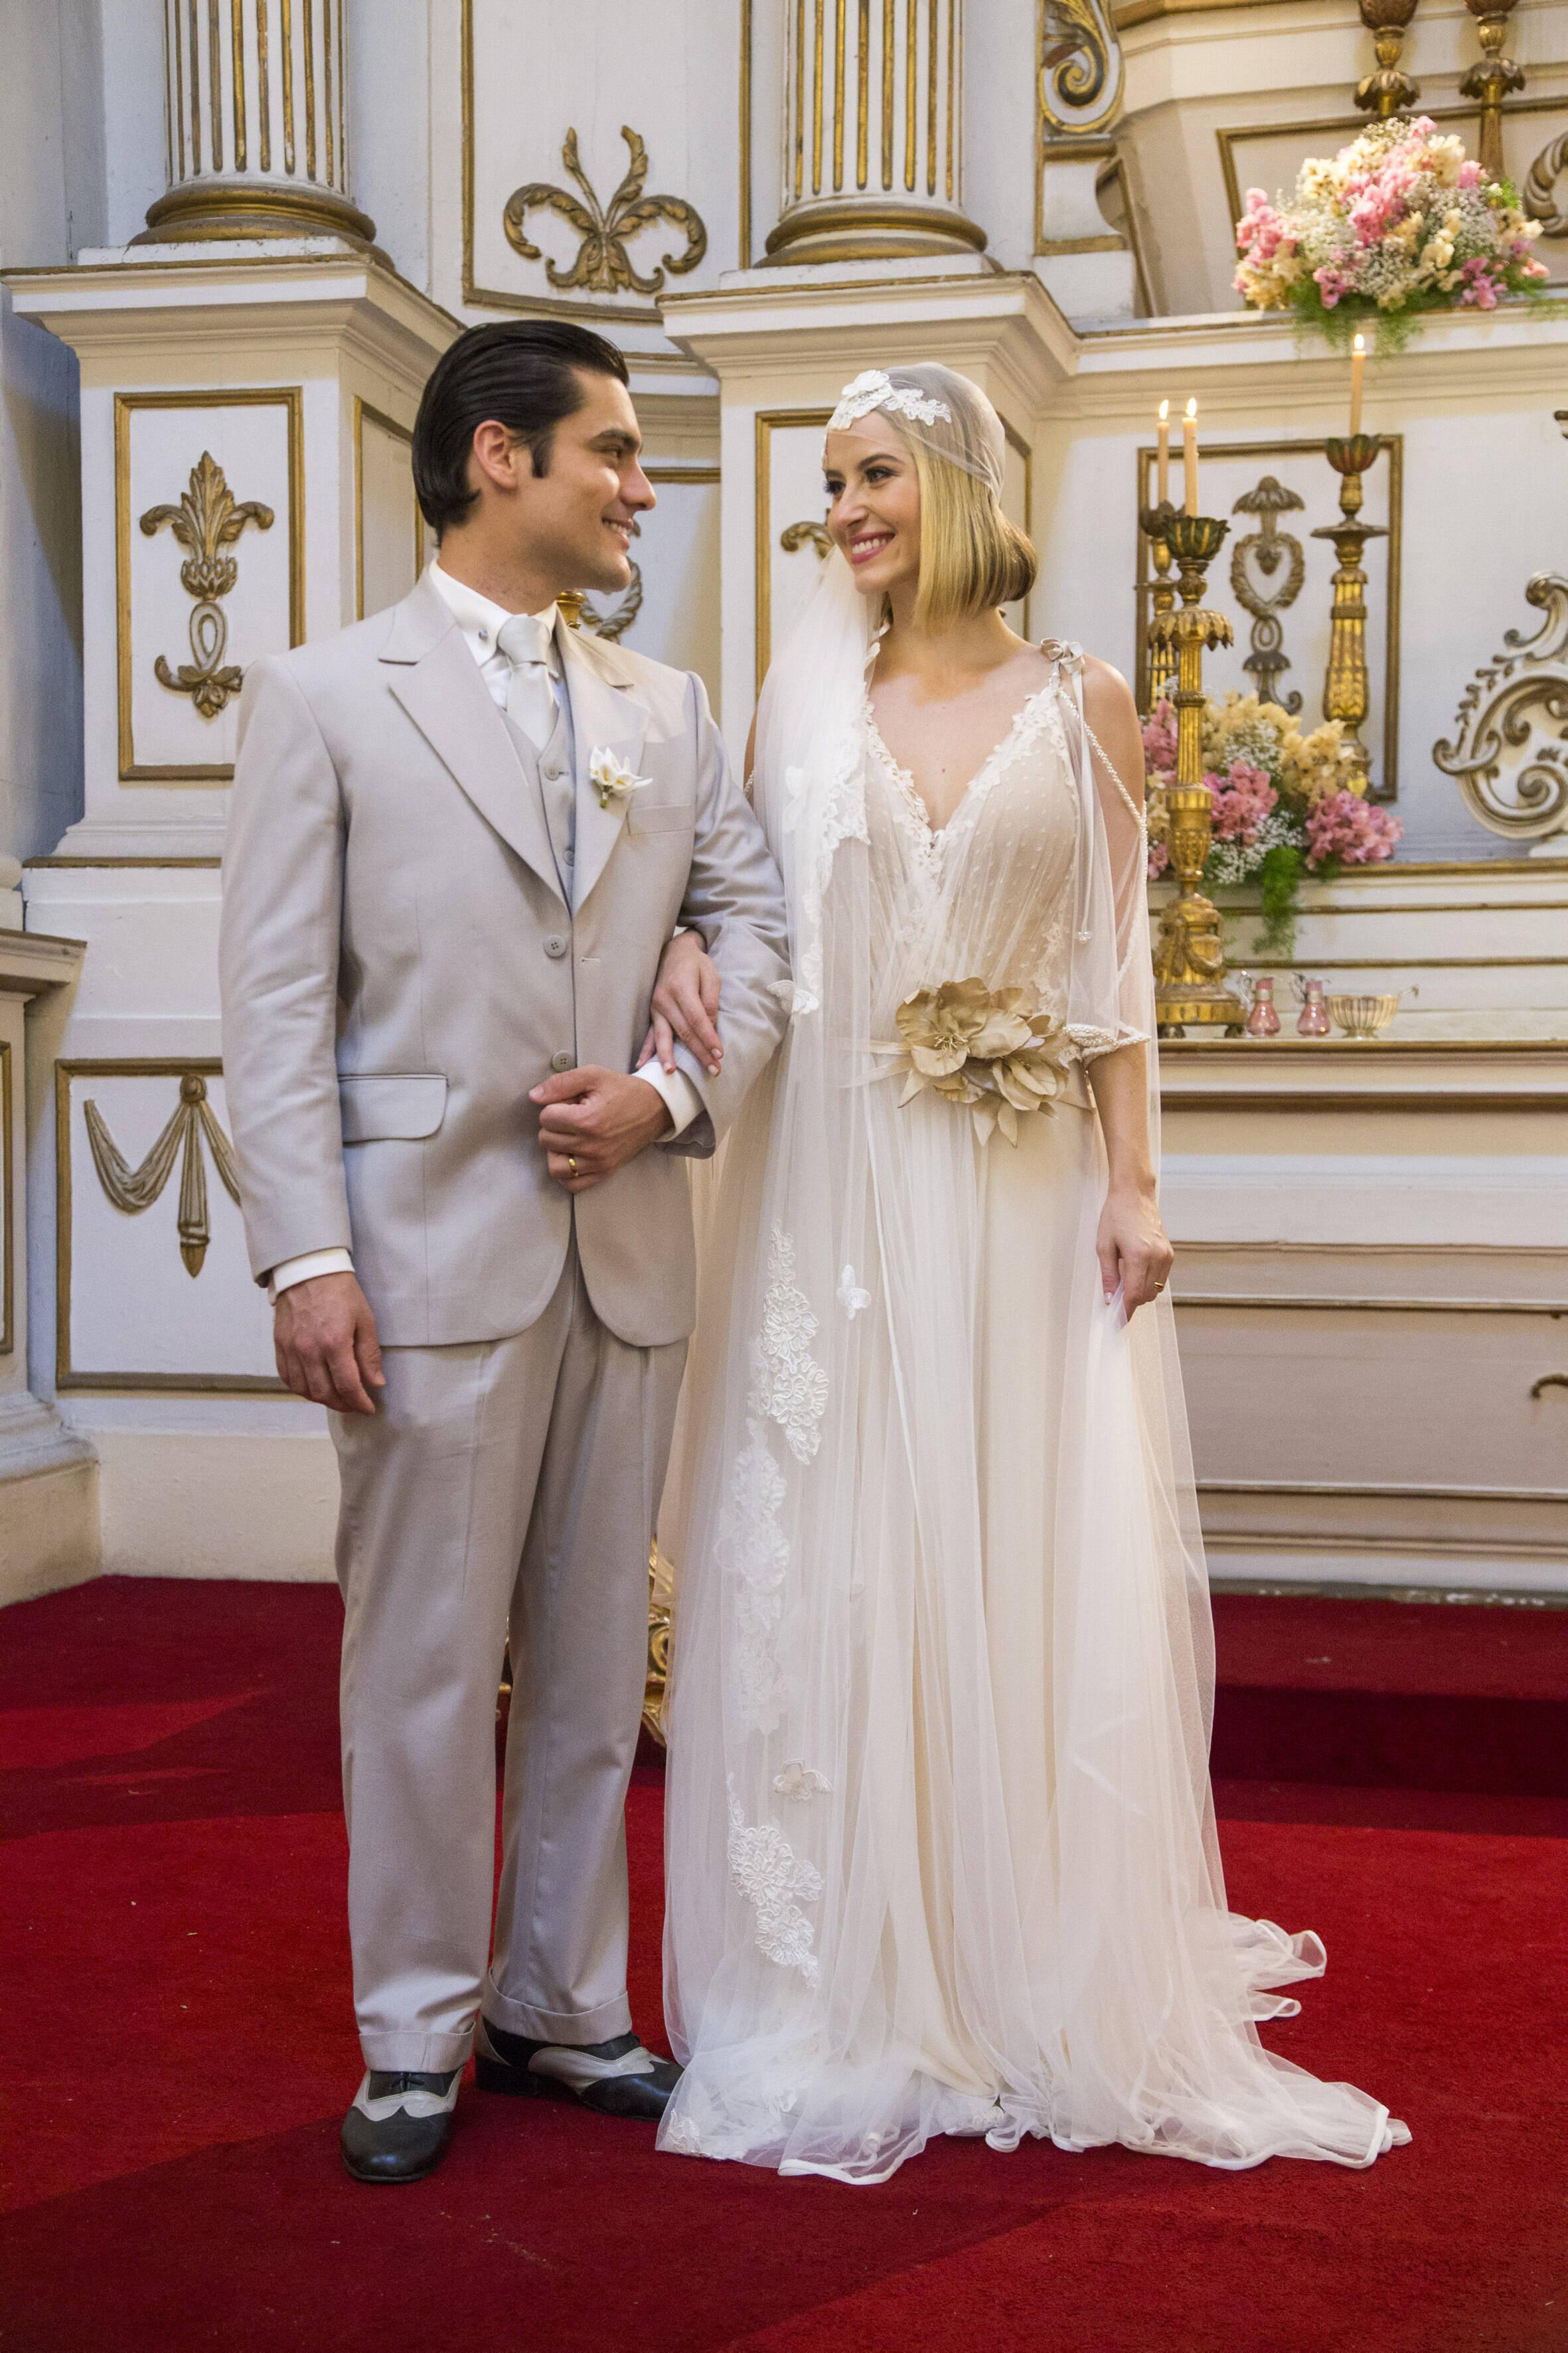 """Celina (Barbara França) e Artur (Guilherme Leicam) se casam na novela """"Tempo de Amar"""". Foto: Divulgação/TV Globo"""